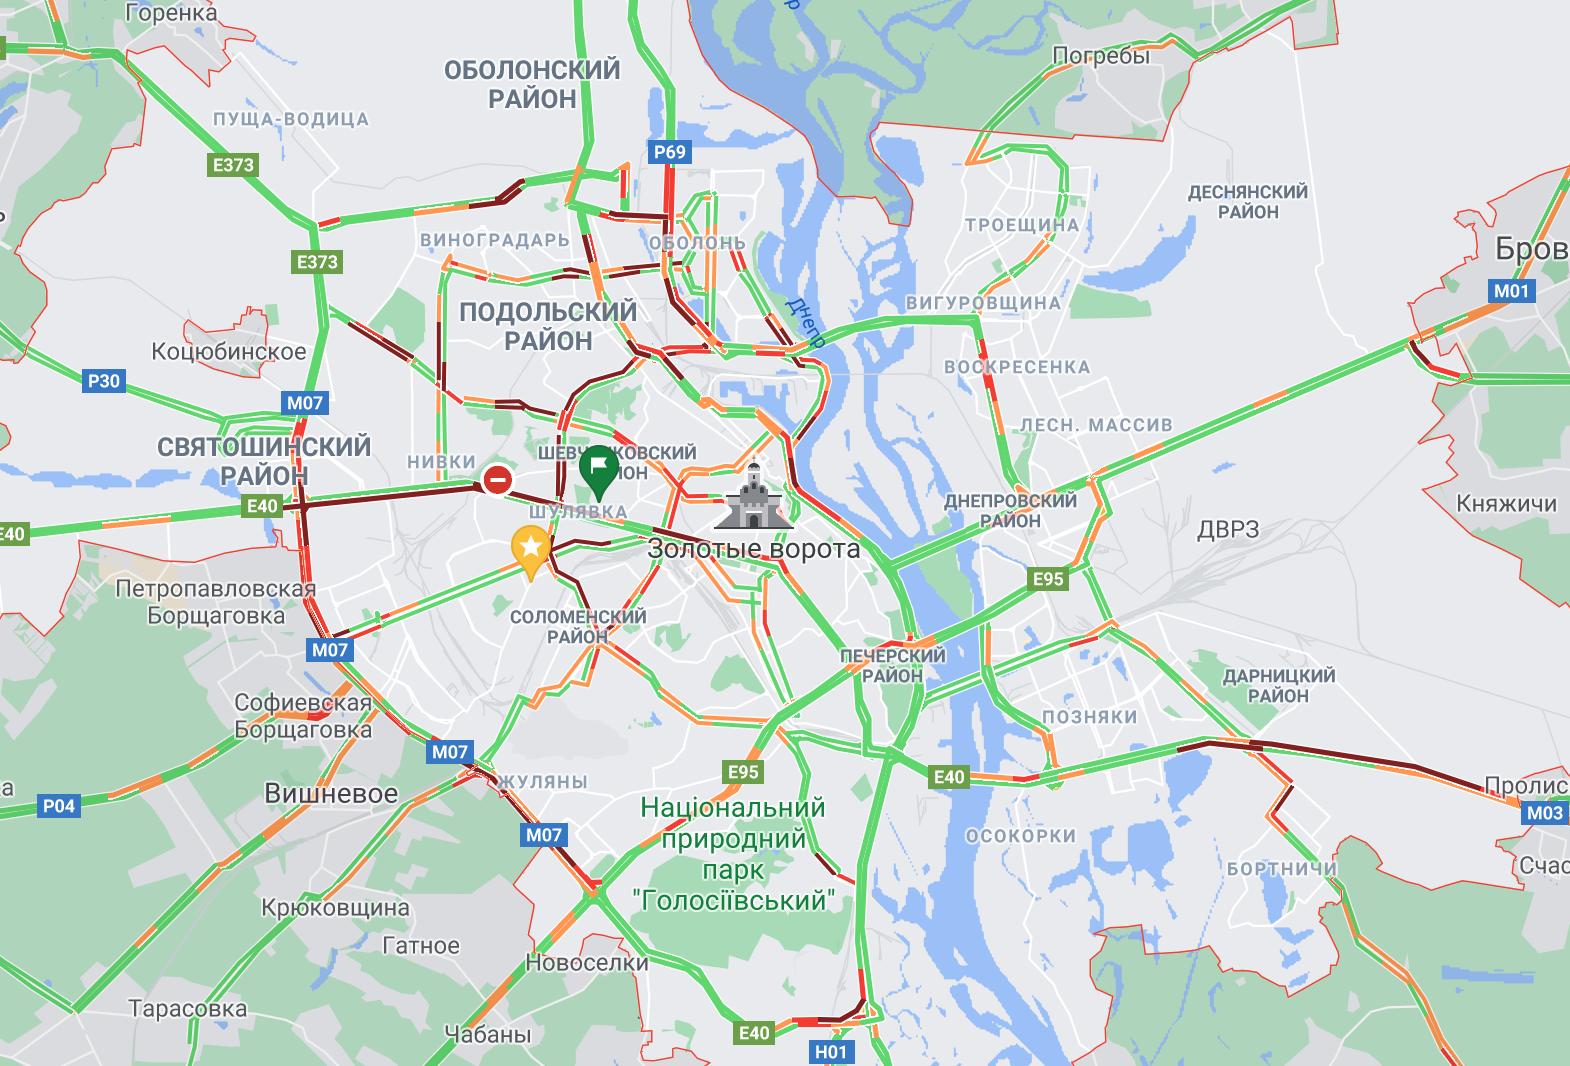 Сбой в графике. Транспорт в Киеве из-за ливня курсирует с опозданием